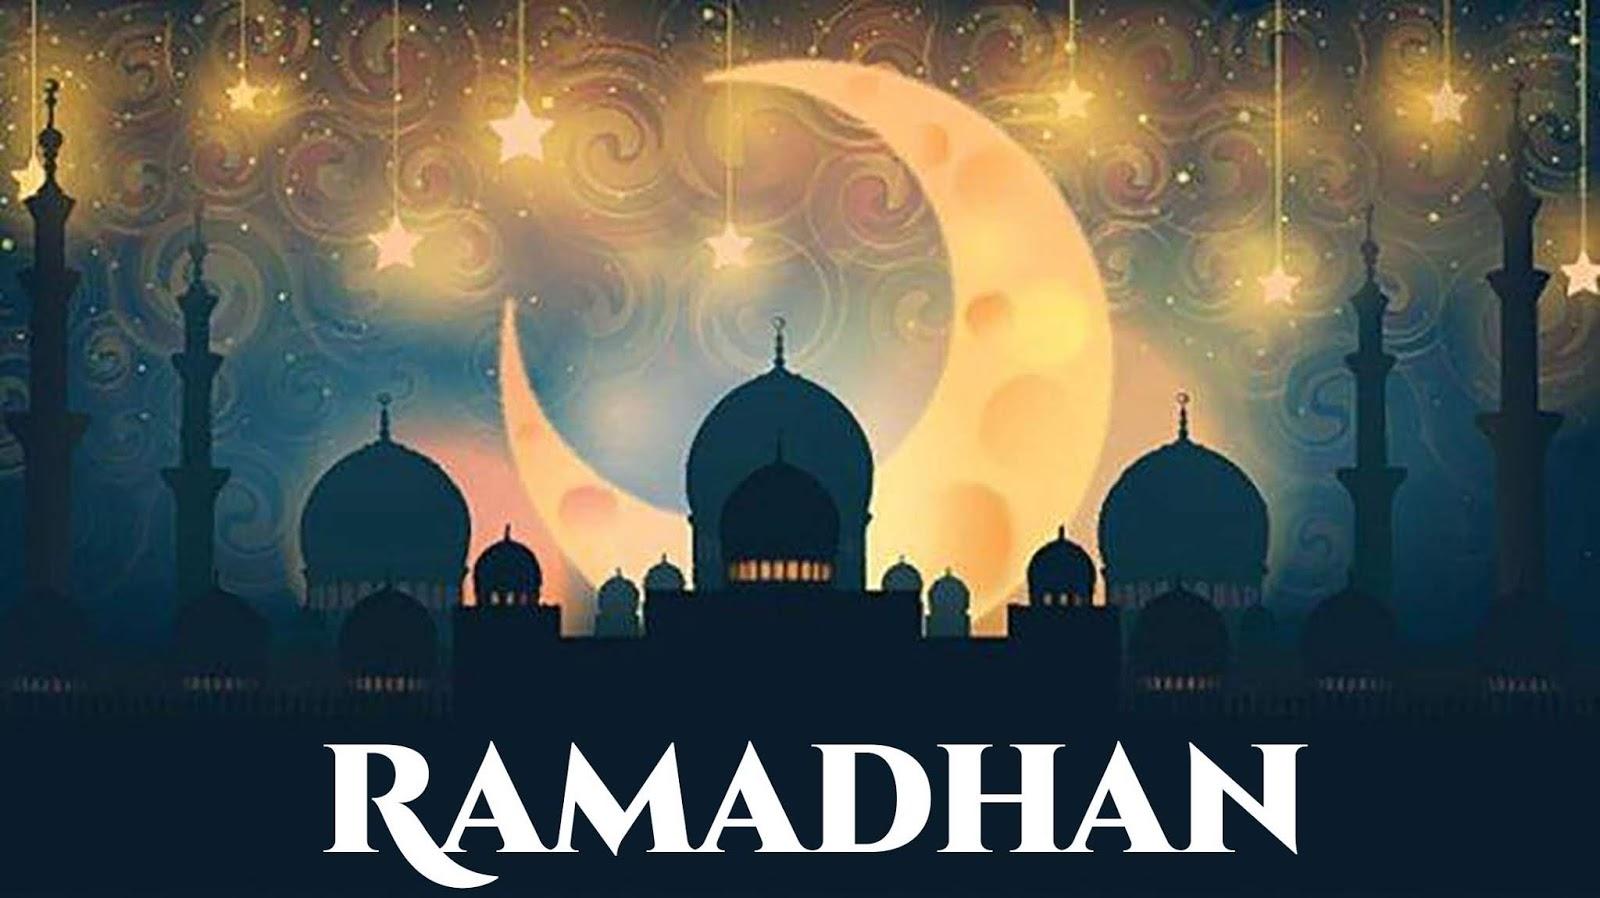 Tingkatkan Keimanan Saat Ramadhan dengan Tetap di Rumah